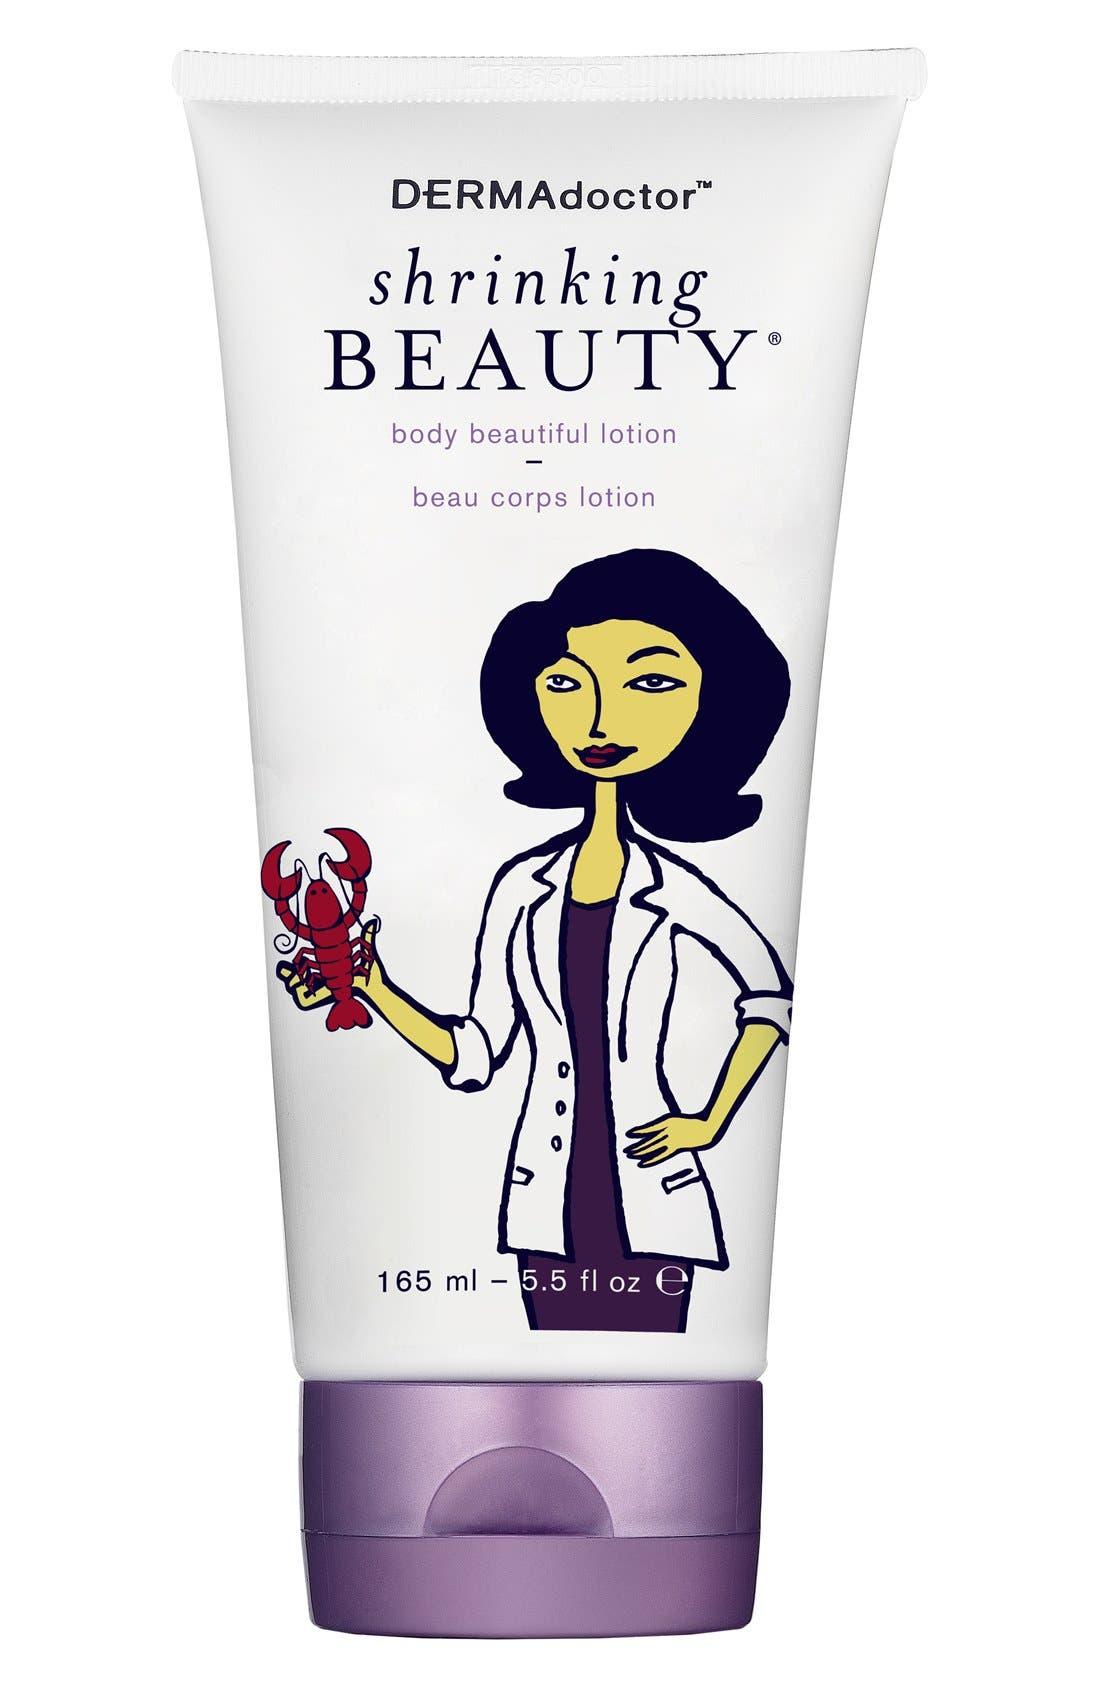 DERMAdoctor® 'shrinking BEAUTY®' Body Beauty Lotion